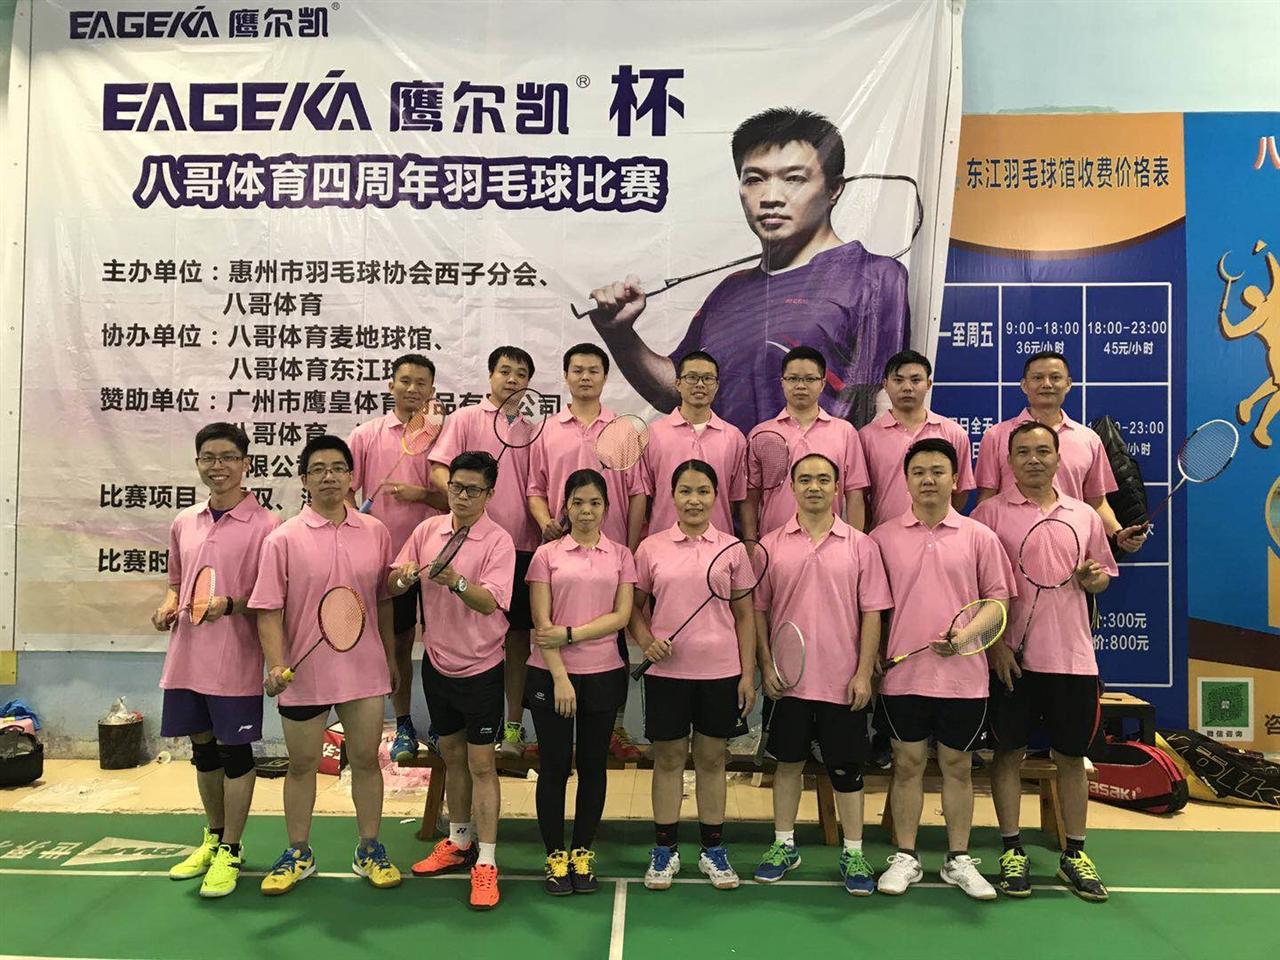 2018年7B广东省八哥体育俱乐部赞助